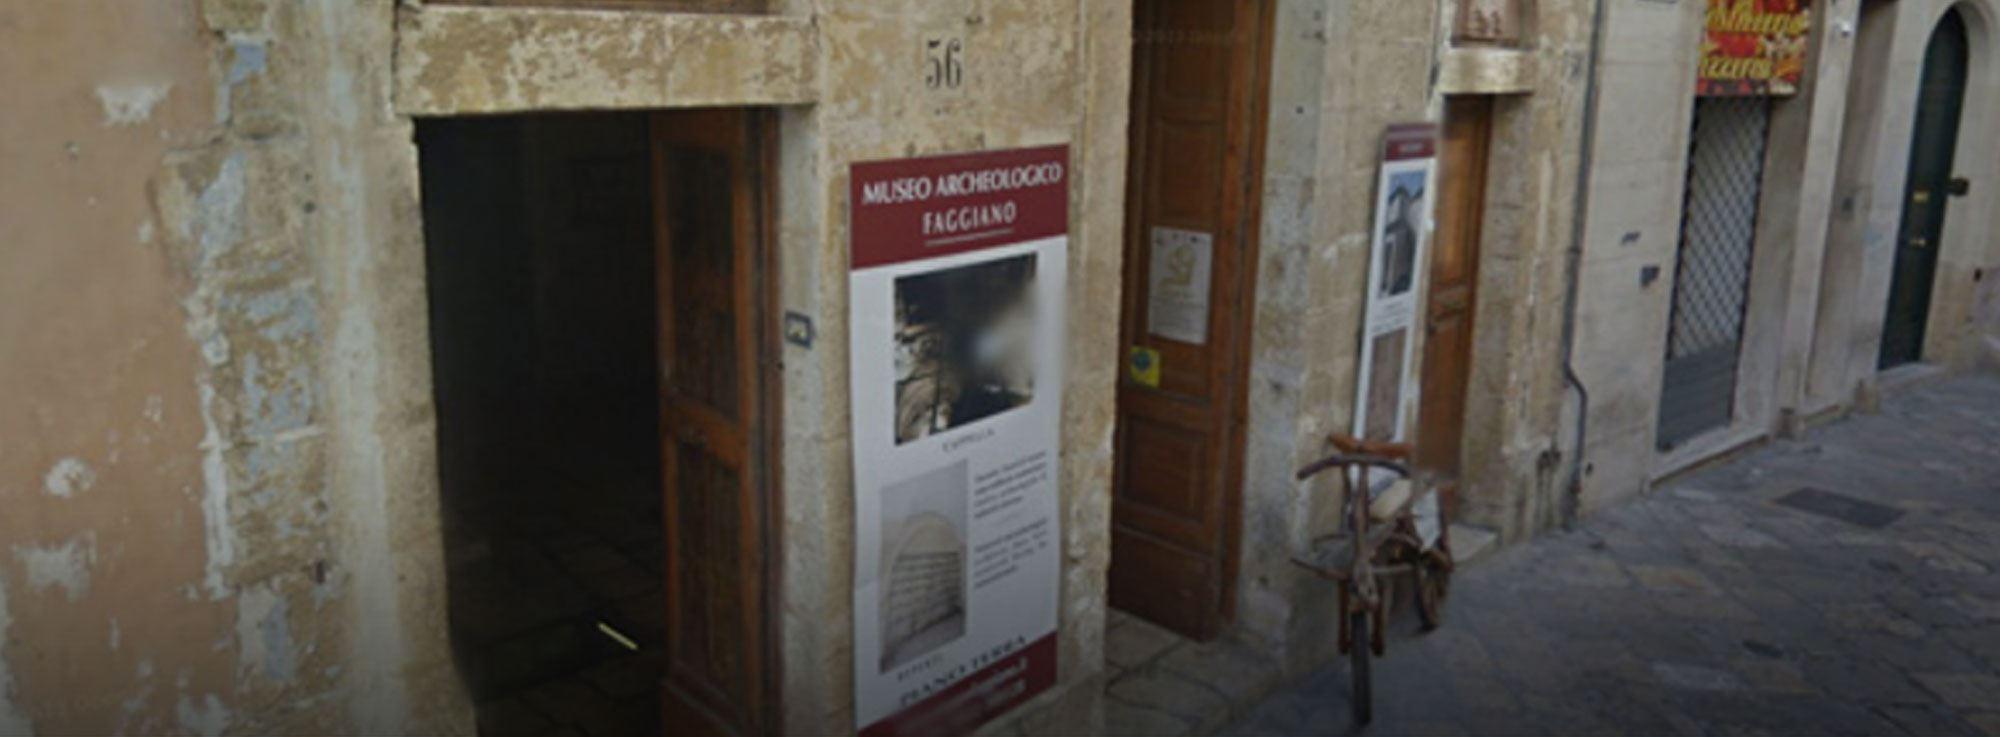 Lecce: Notte del Museo infestato